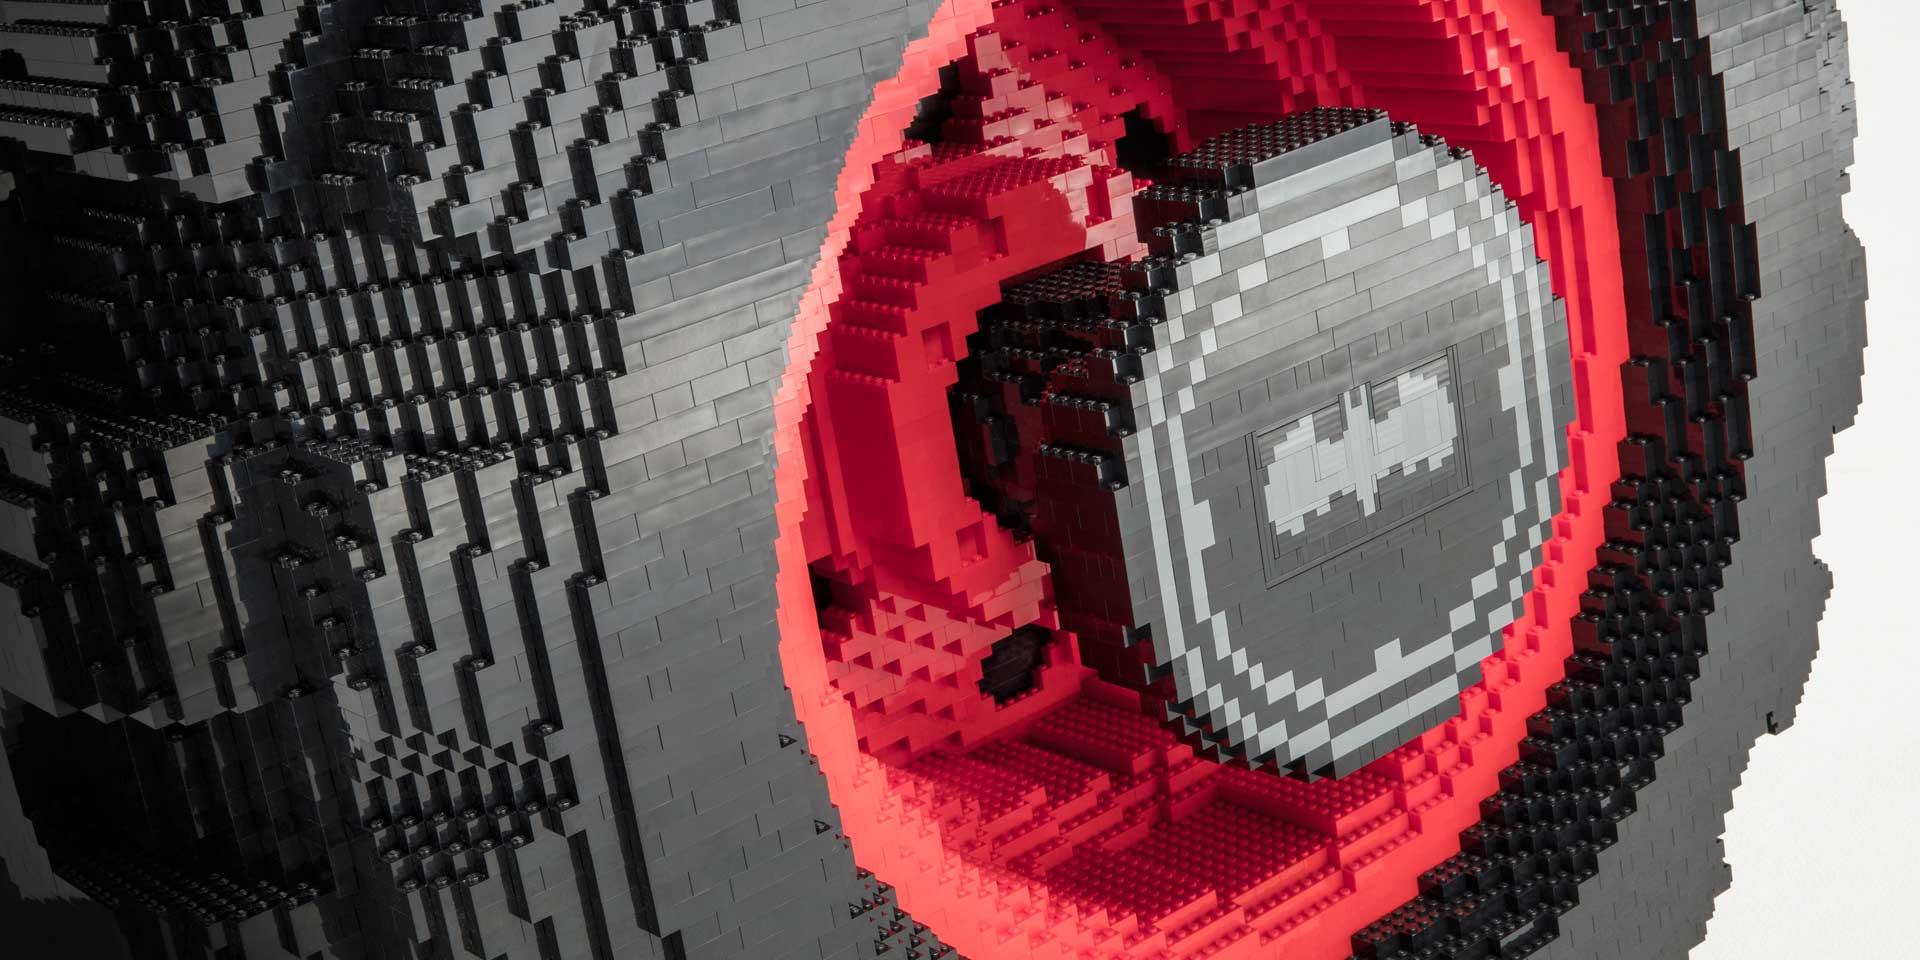 بت موبیل ساخته شده توسط آخرهای بازی شرکت لگو